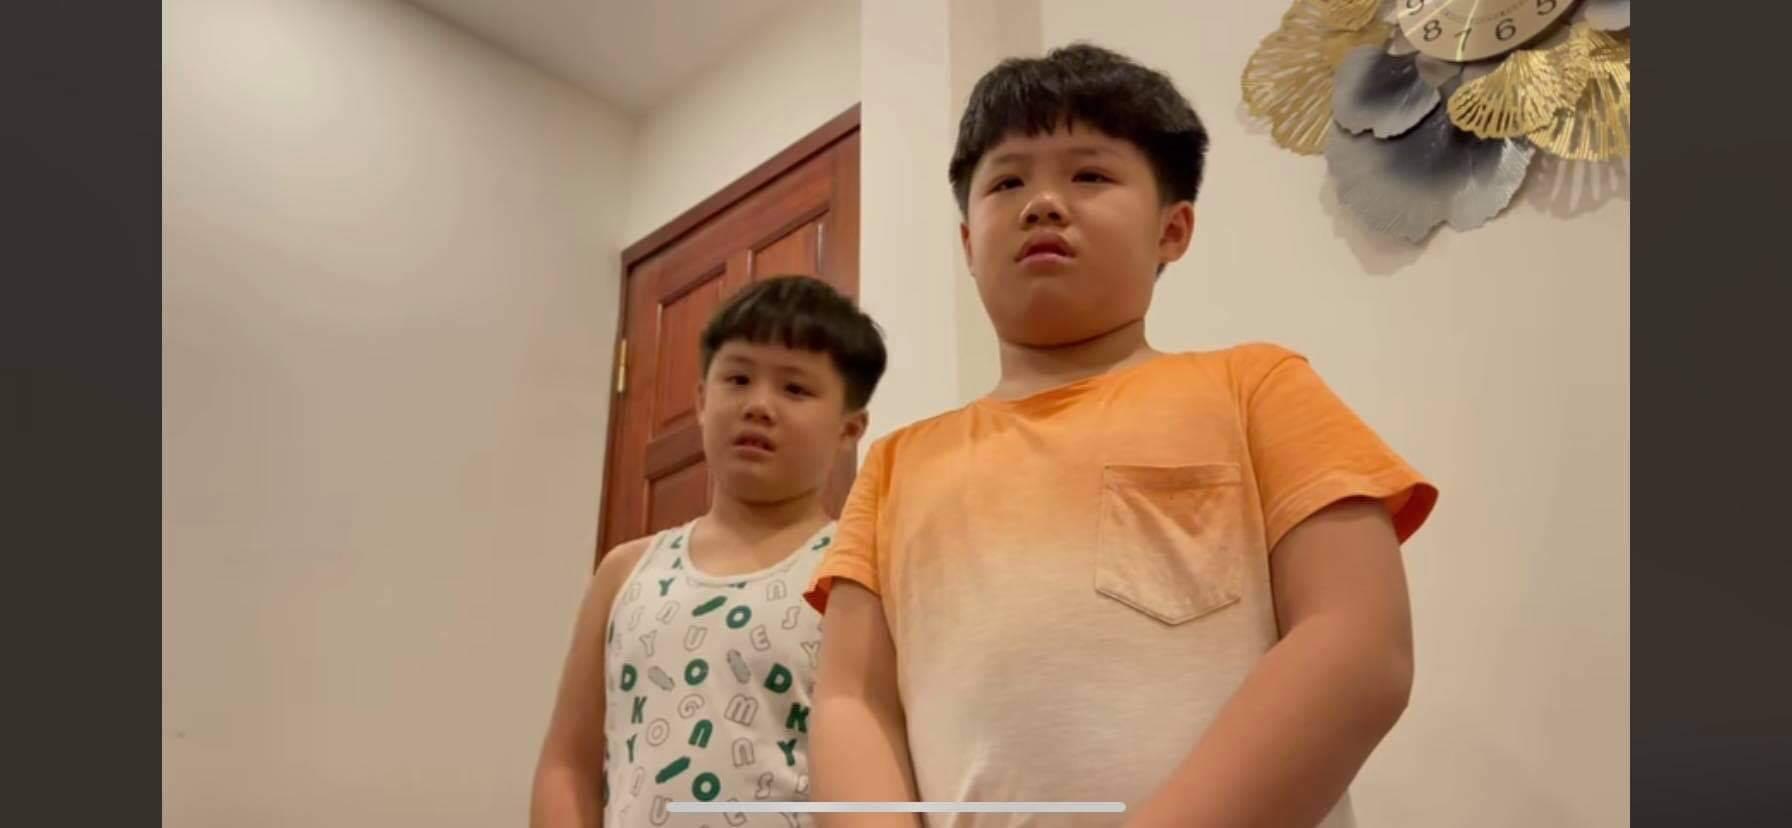 MC Hoàng Linh nghiêm khắc dạy 2 con trai, dân mạng phản đối một điều sai sai